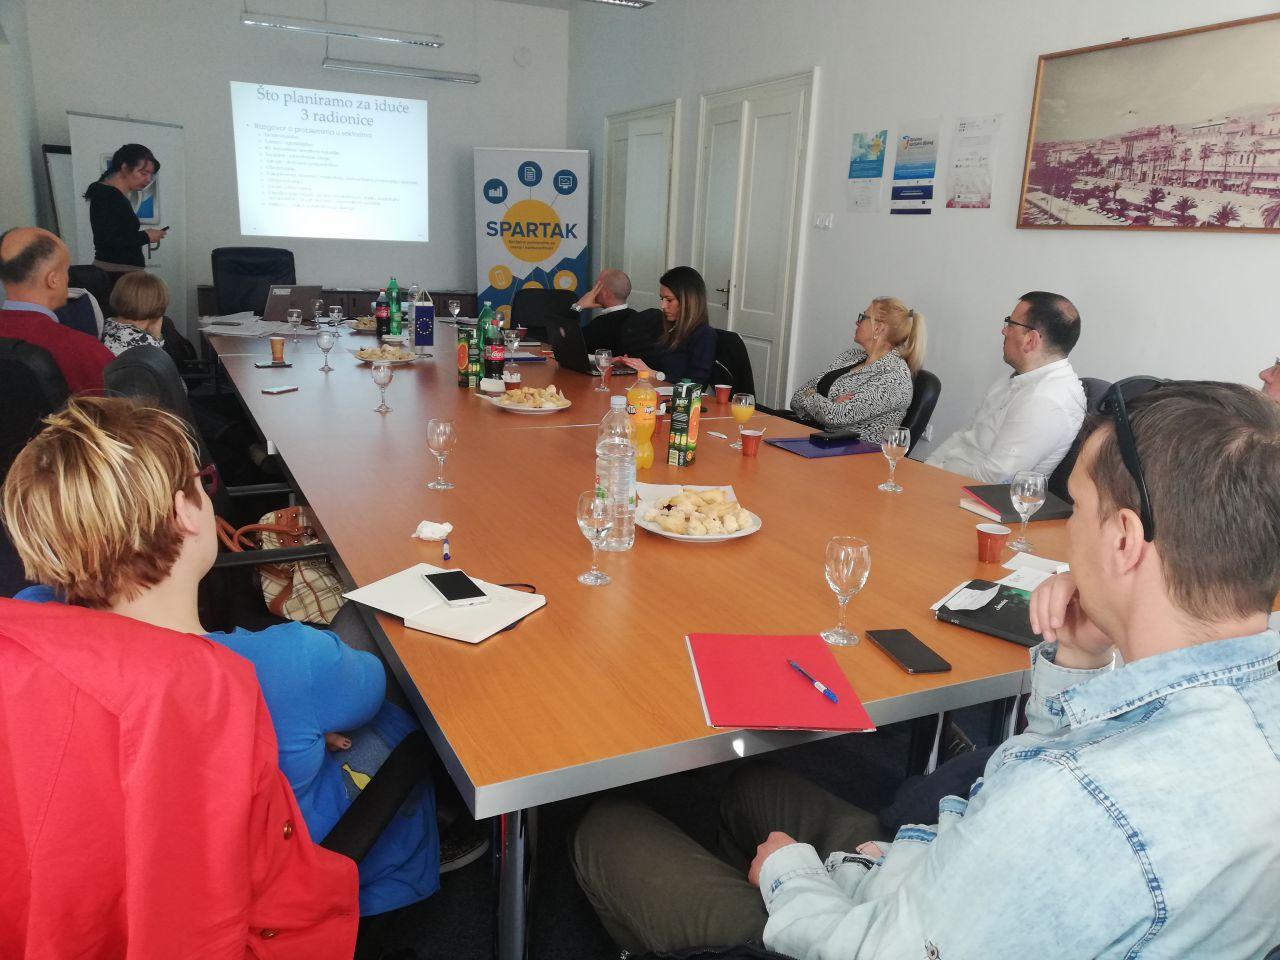 Socijalno vijeće projekta Spartak raspravljalo o ključnim razvojnim pitanjima